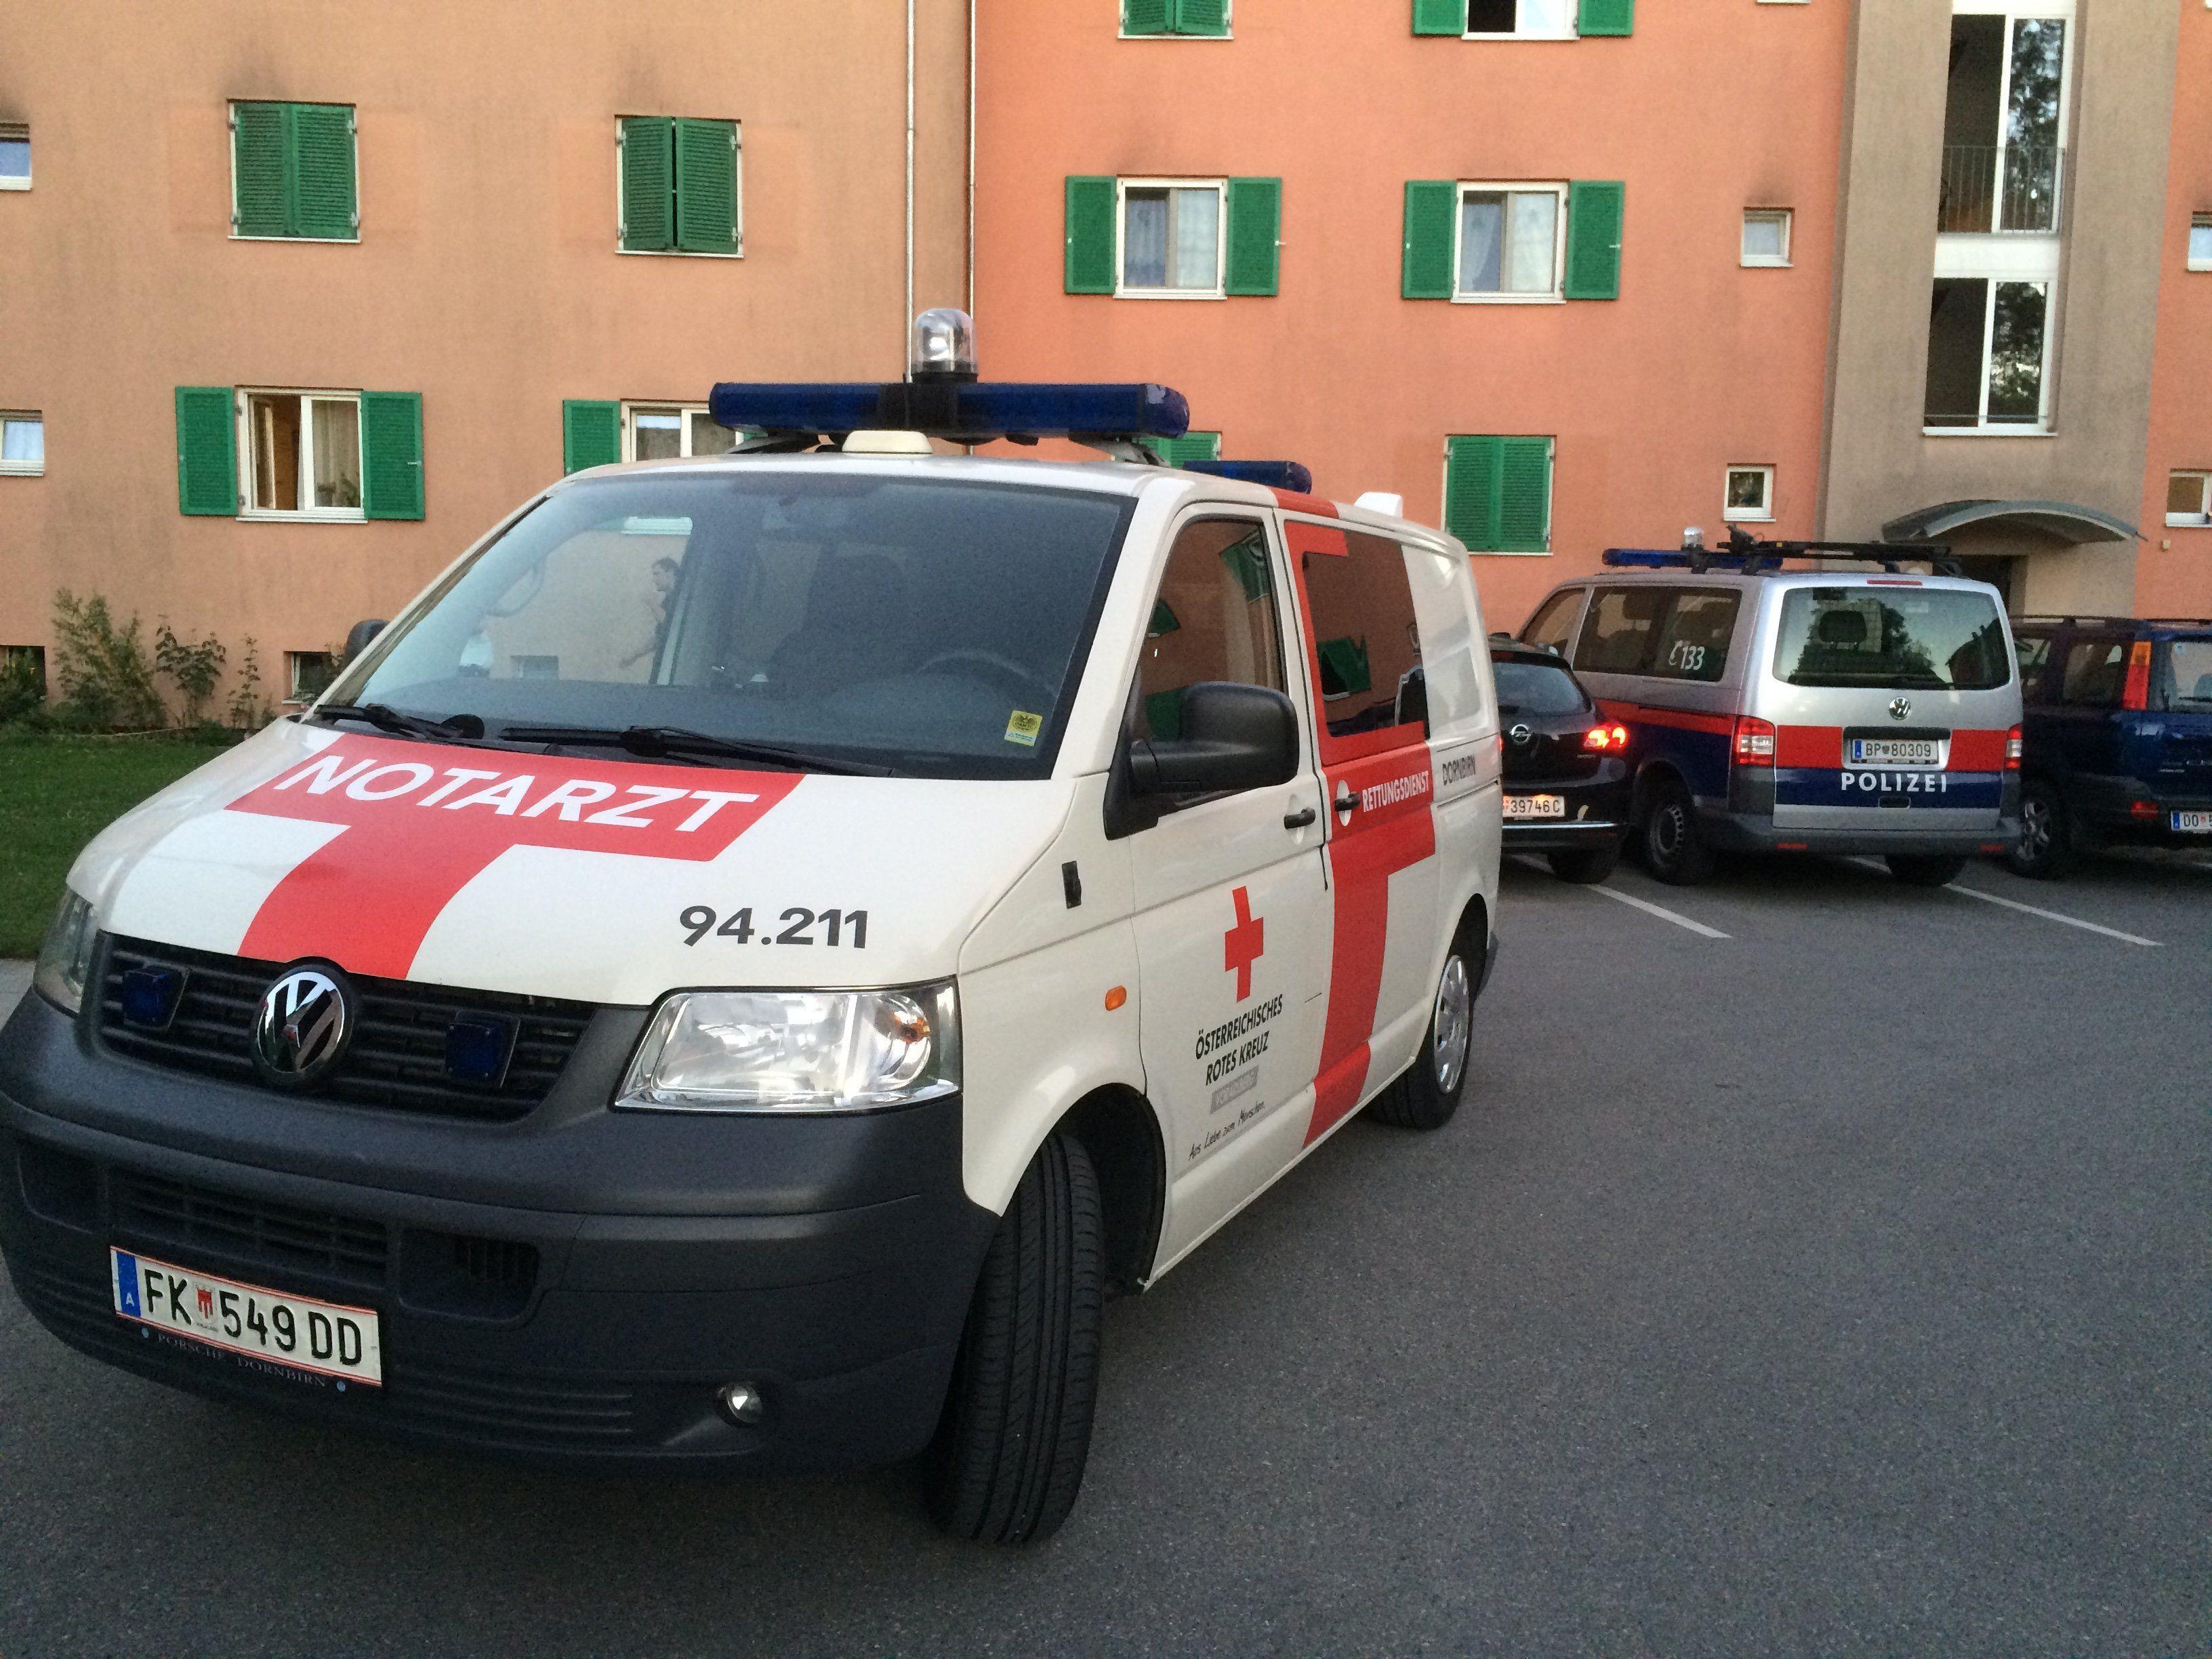 In einer Dornbirner Wohnanlage wurde ein Mann mit Stichverletzungen entdeckt.